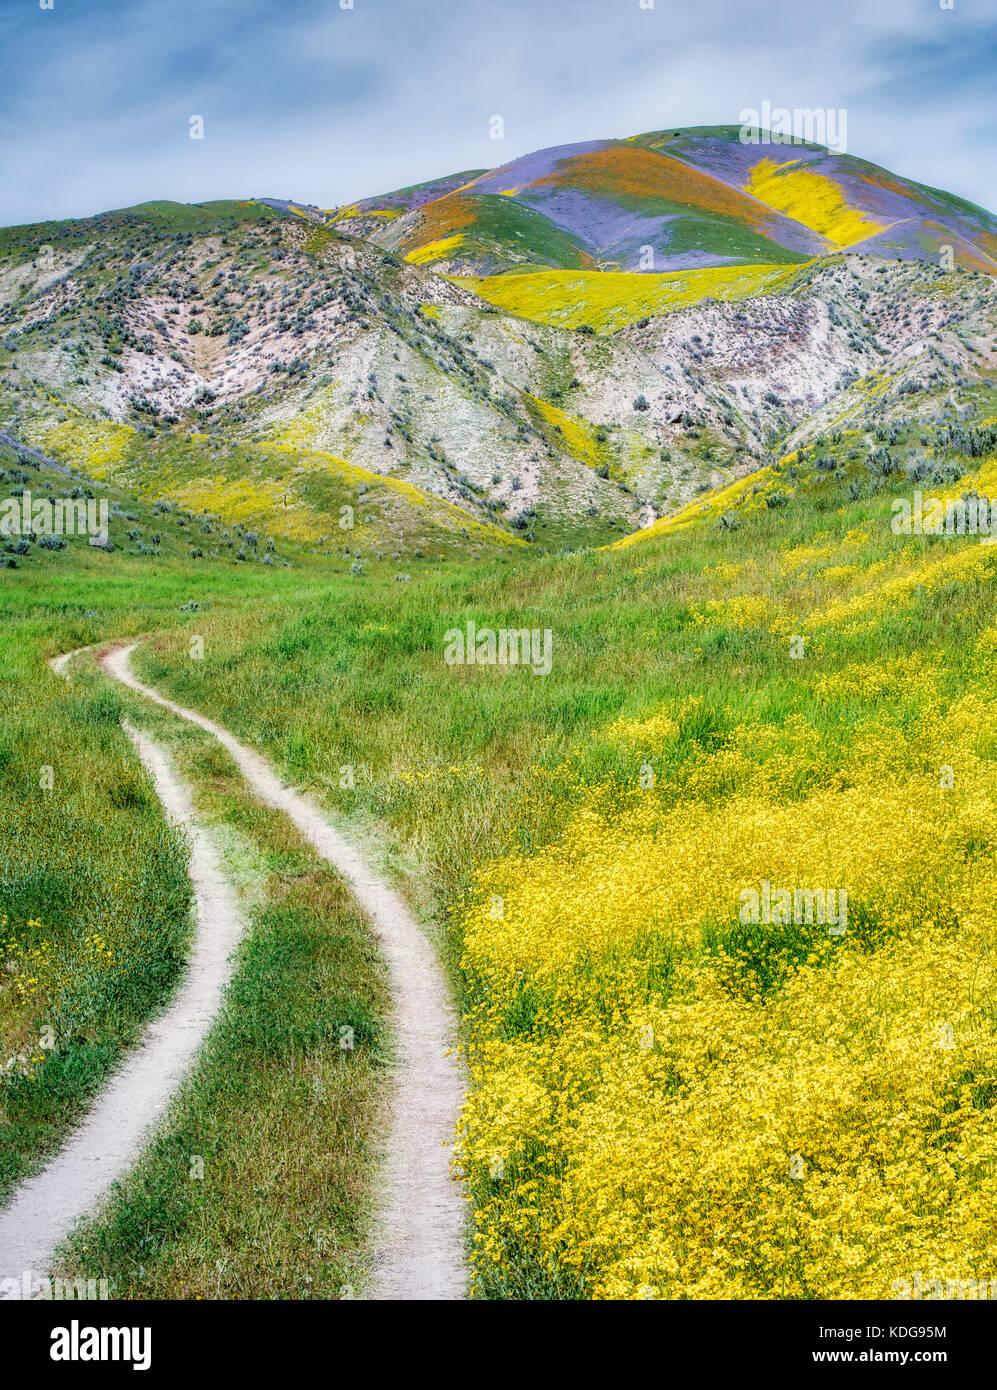 Campo de margaritas de ladera (monolopia lanceolata) y carretera de terracería carrizo plain monumento nacional, Imagen De Stock